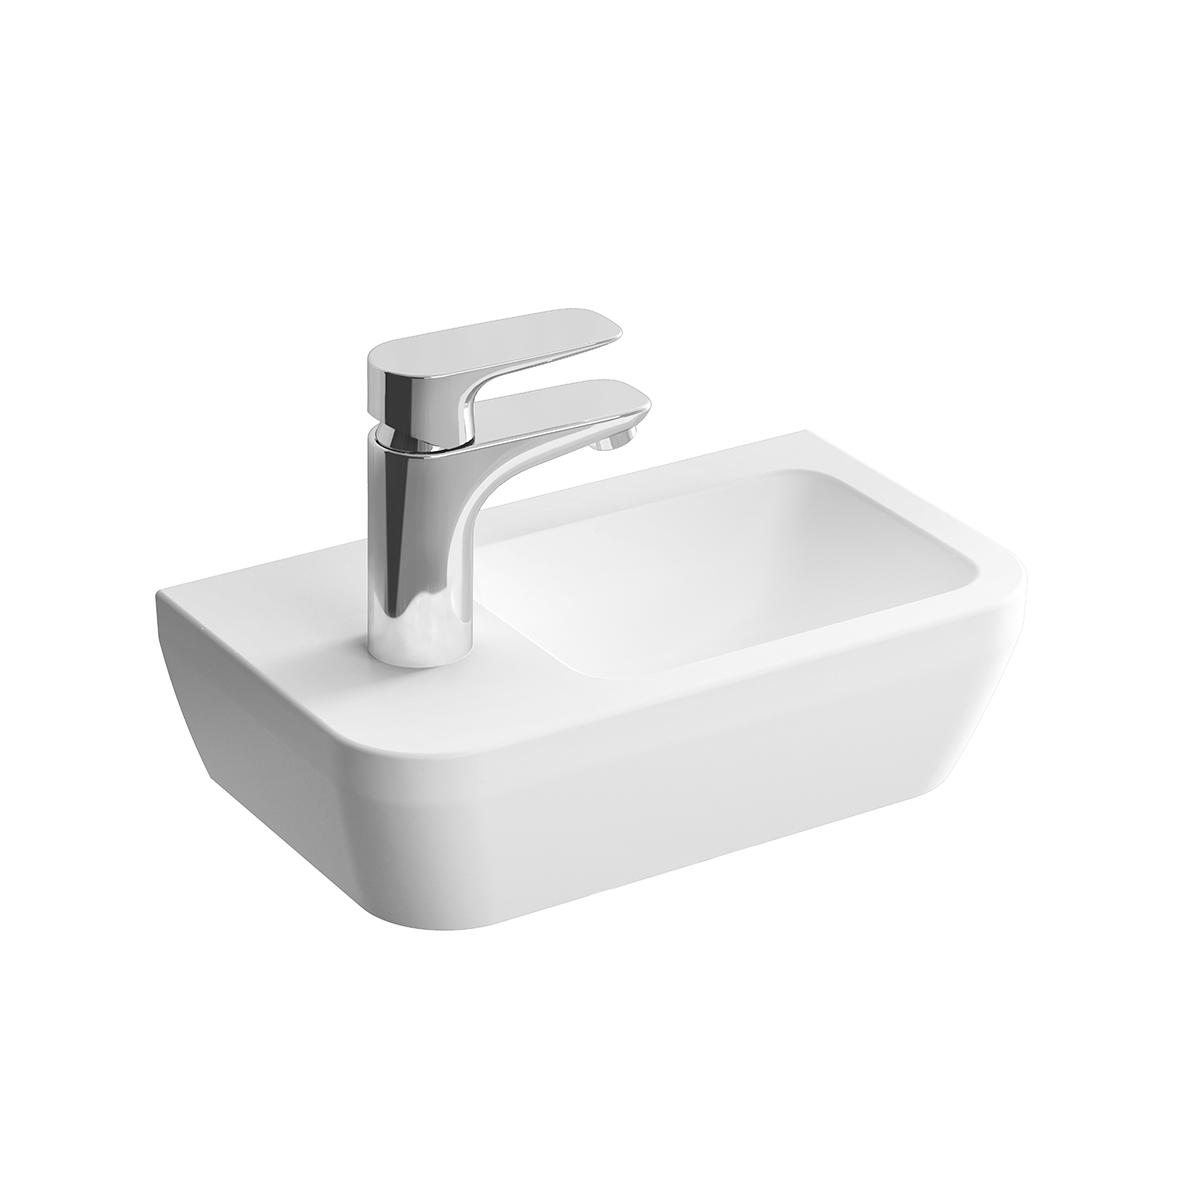 Integra lave-mains, trou de robinet à gauche